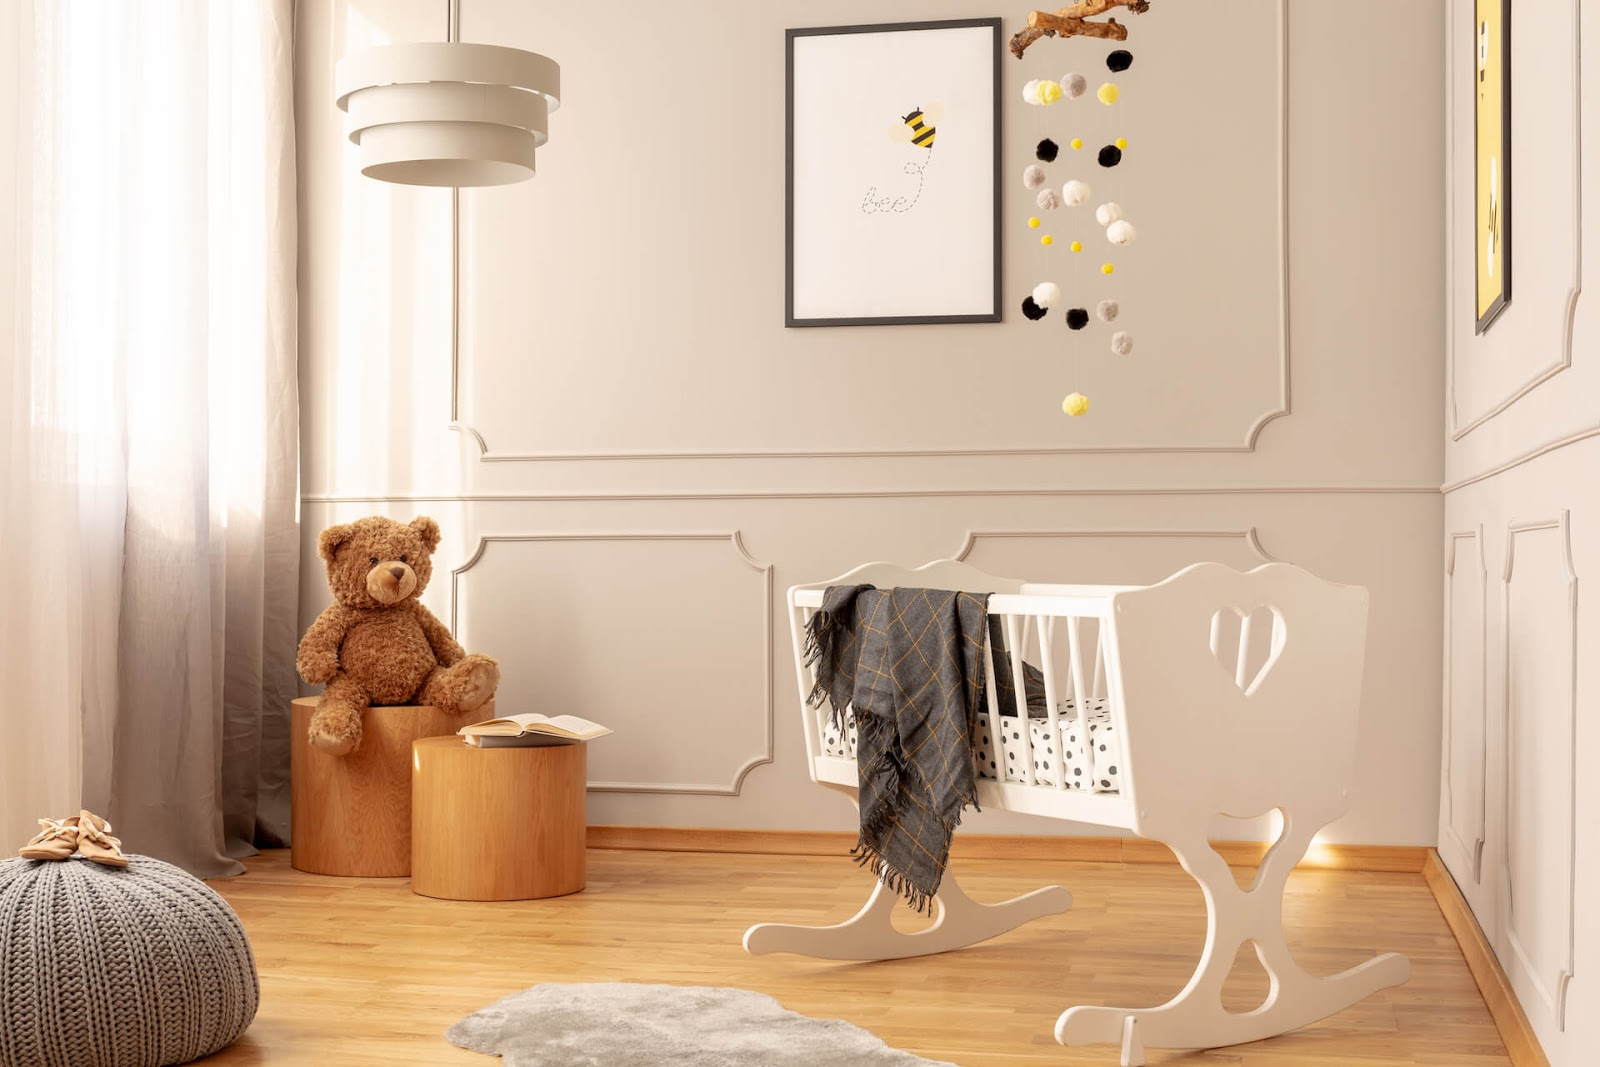 Room painted brown